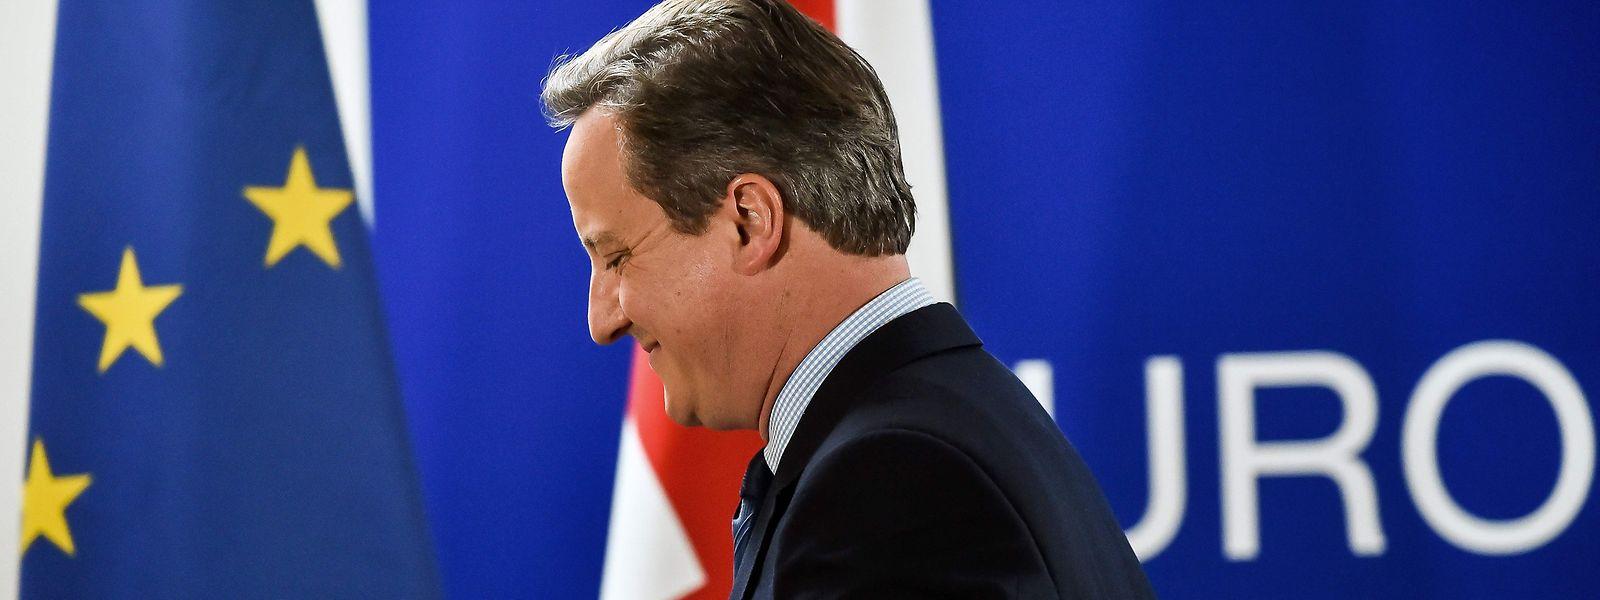 Der frühere britische Premier David Cameron äußerte Kritik an Johnsons Vorhaben.